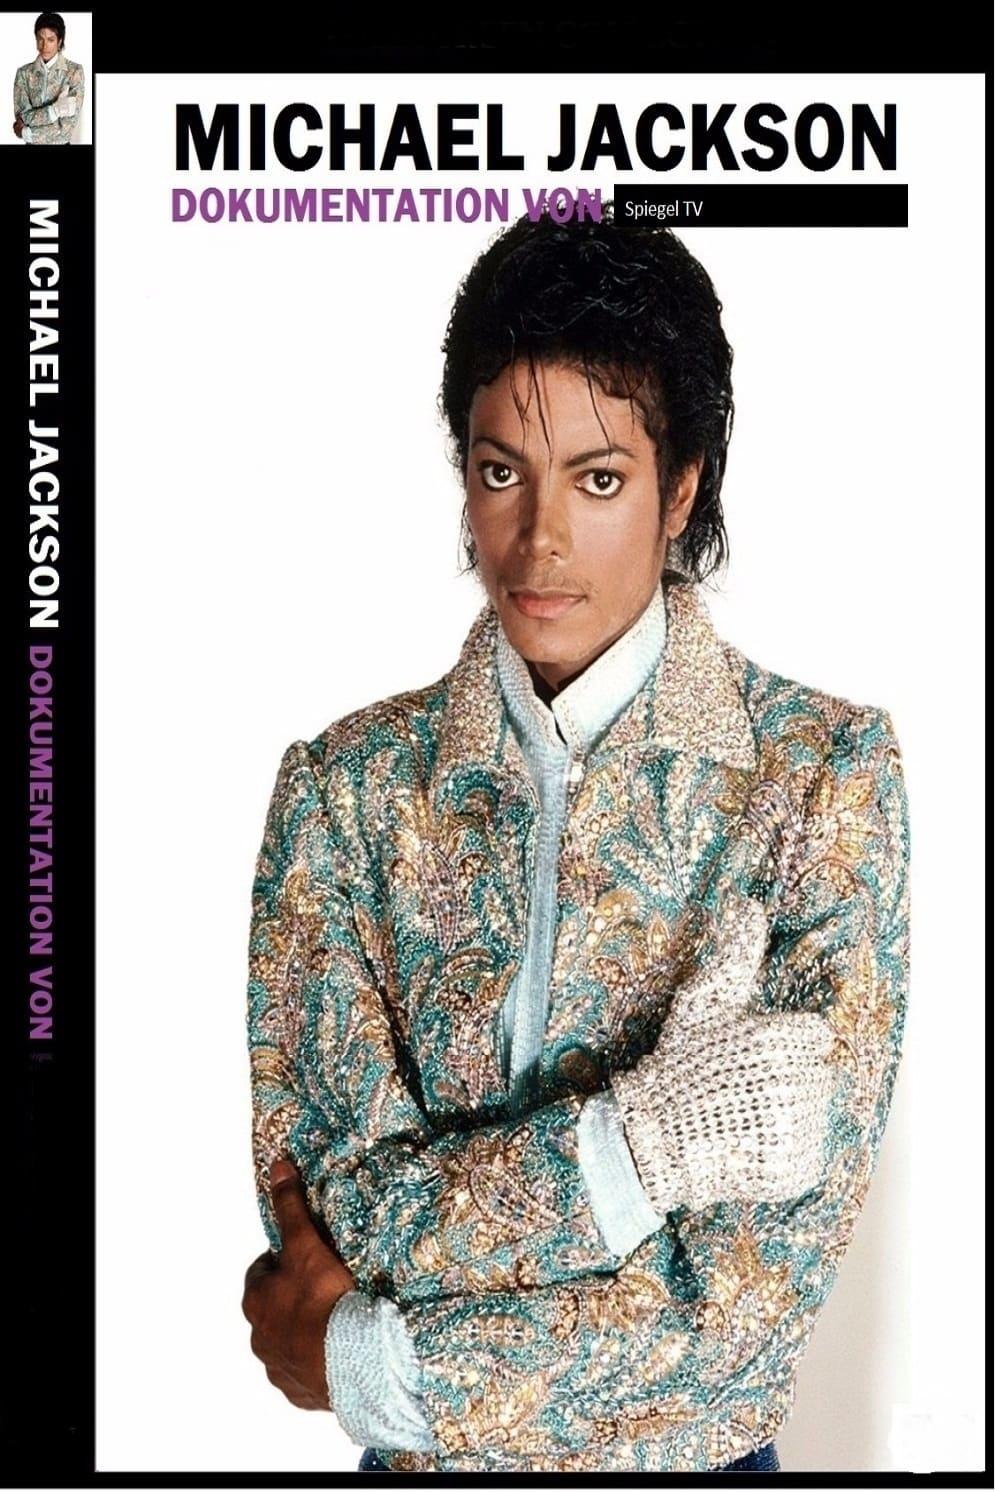 Ver Michael Jackson – Dokumentation von Spiegel TV Online HD Español ()